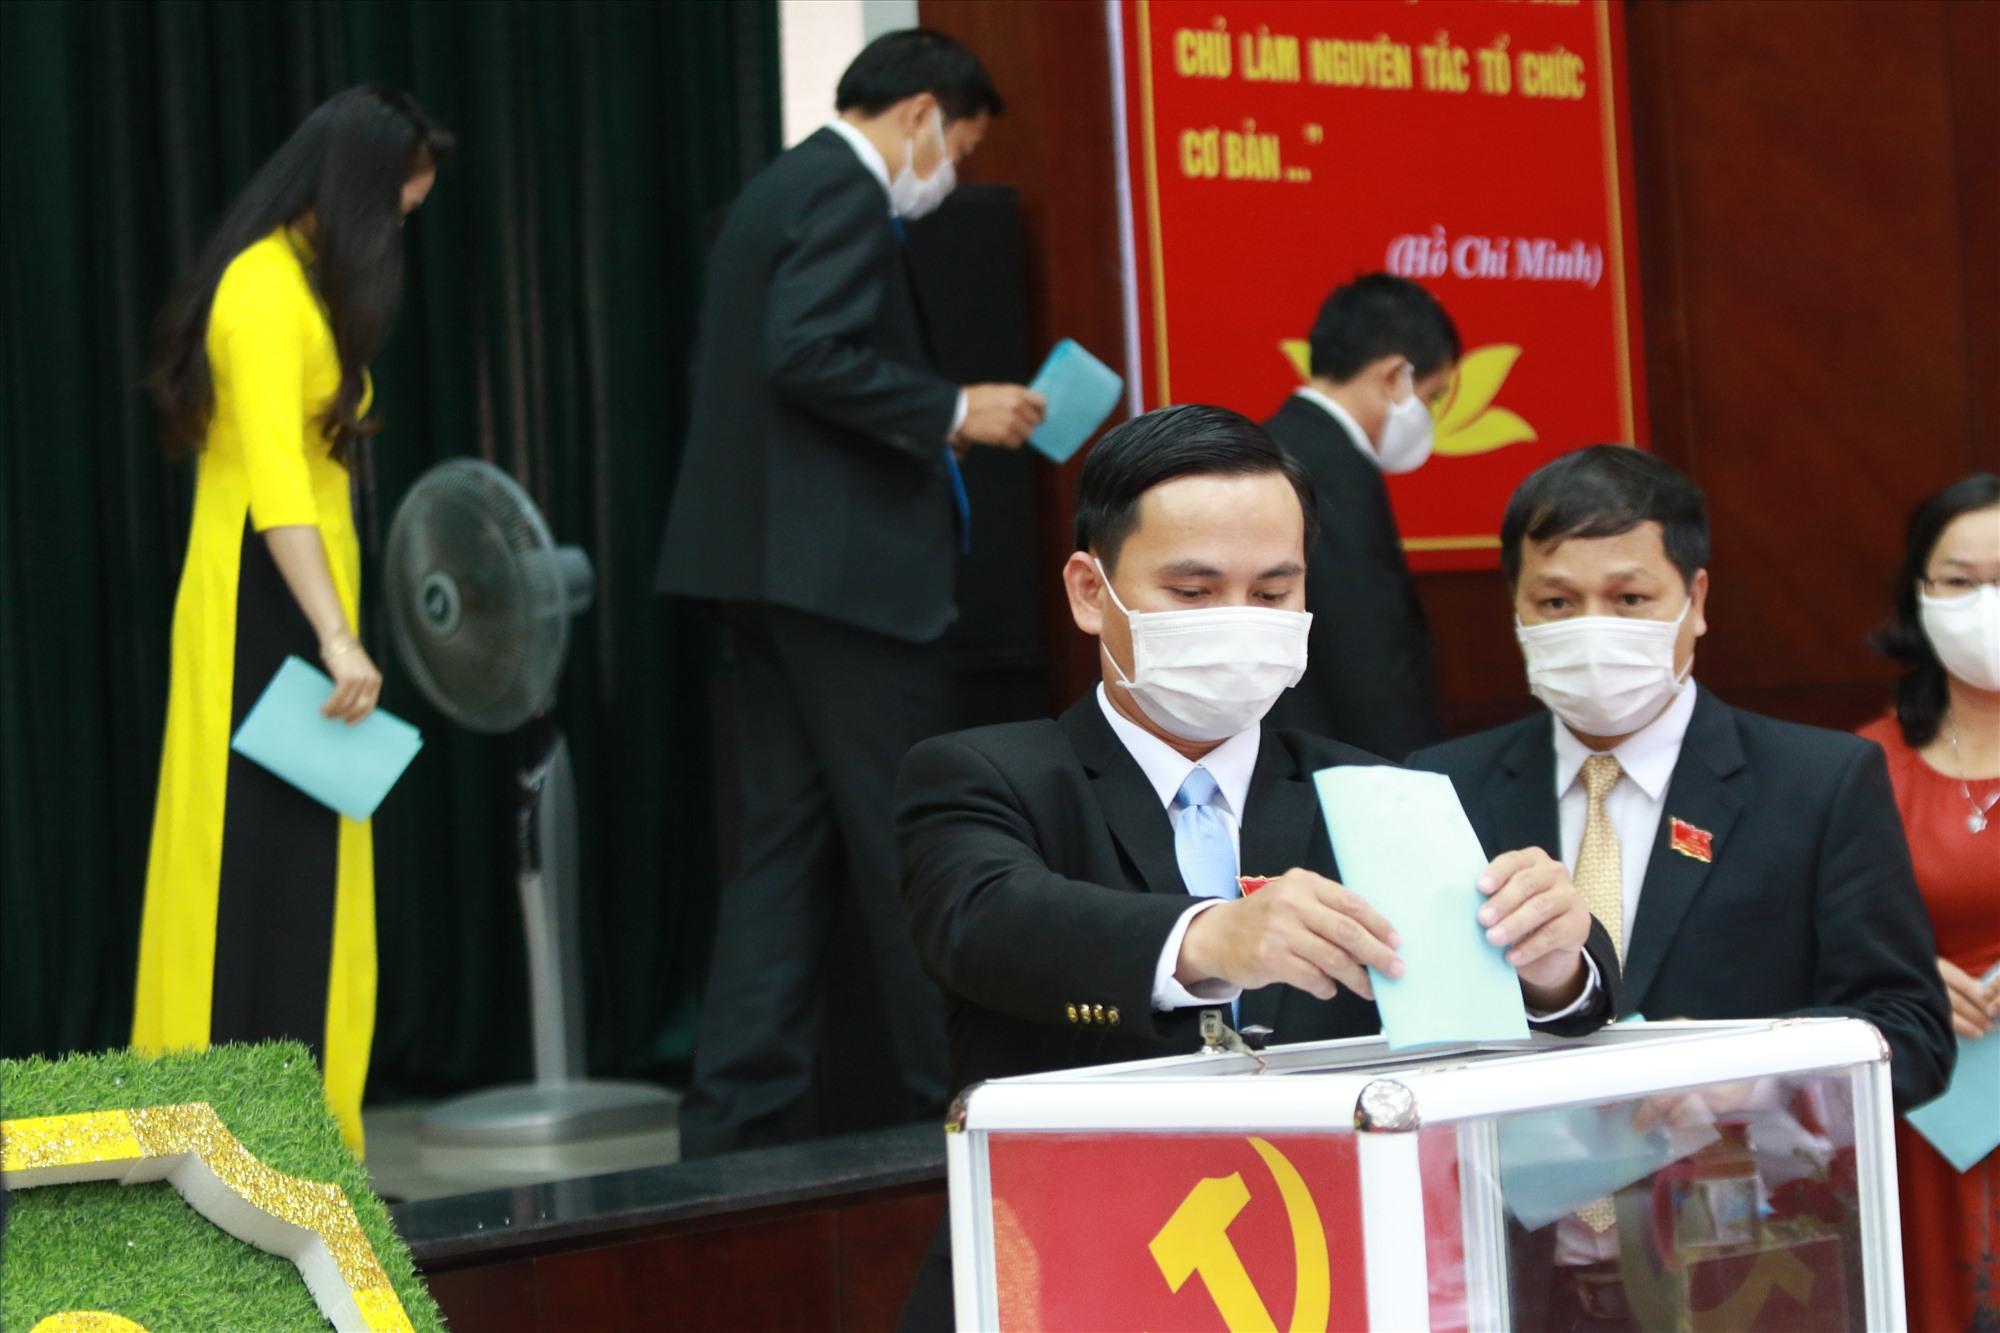 Đại hội đã bầu Ban Chấp hành Đảng bộ Khối các cơ quan tỉnh khóa IX gồm 23 đồng chí. Ảnh: SONG GIANG